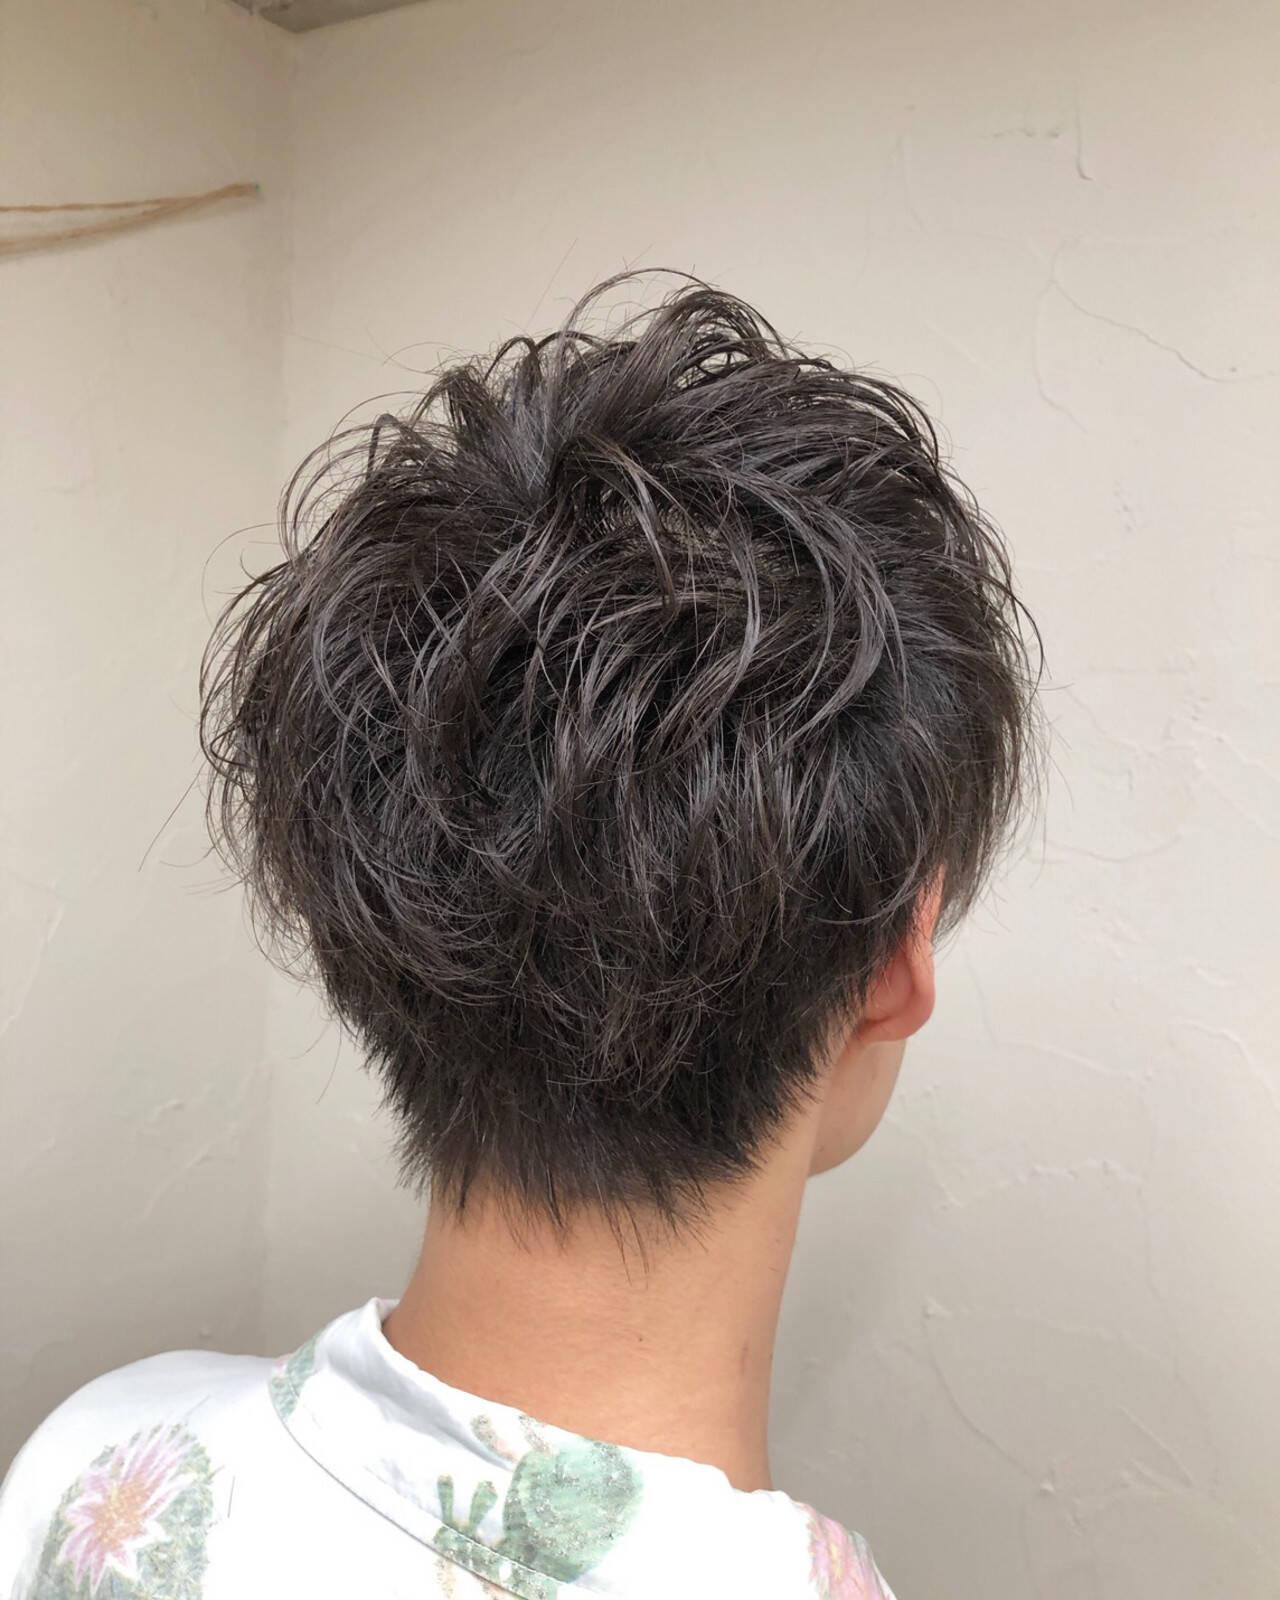 メンズパーマ ナチュラル メンズカット ショートヘアスタイルや髪型の写真・画像